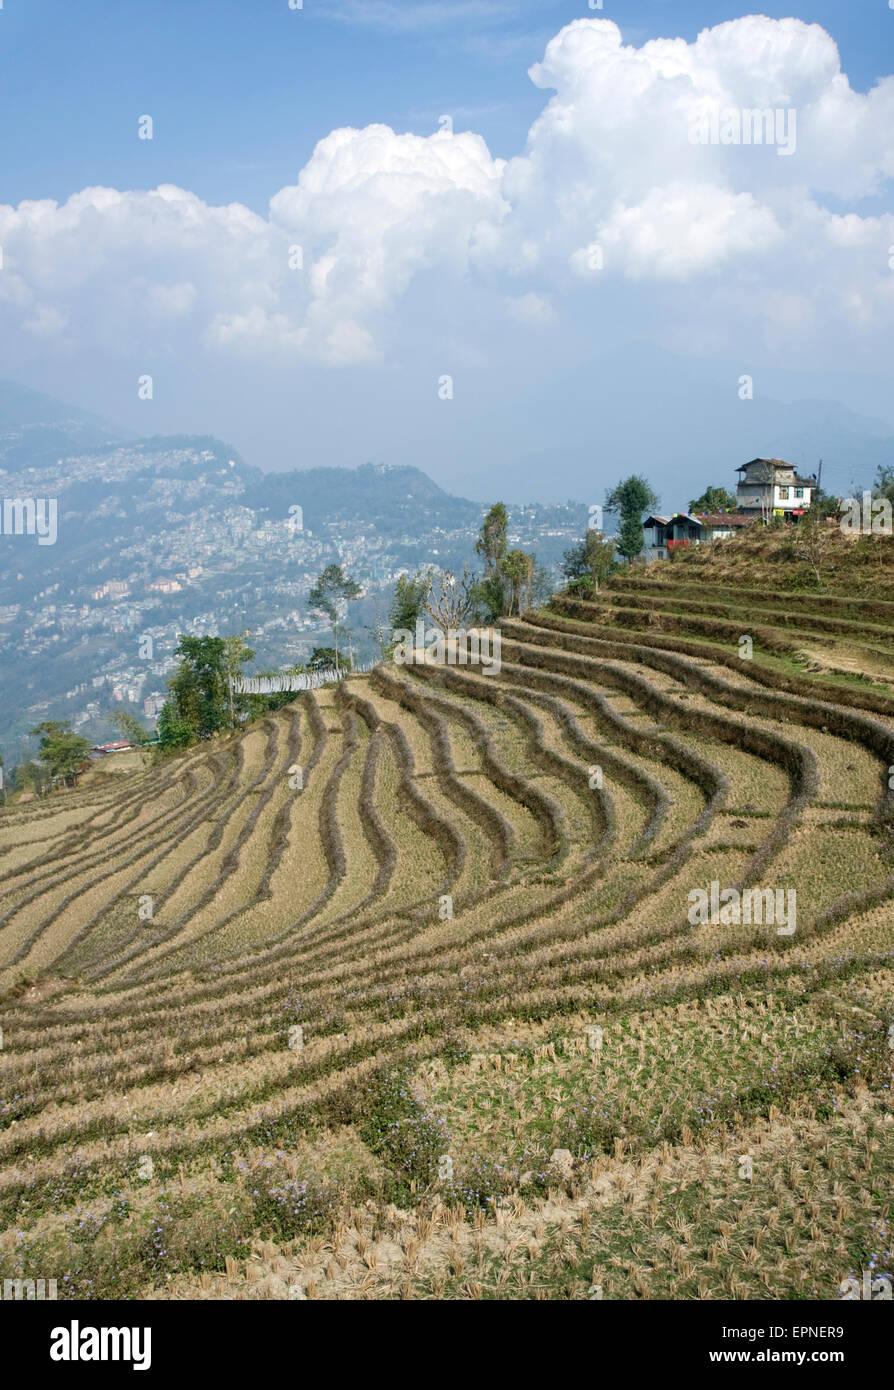 Terrazze di riso a Sanjur, nei pressi di Gangtok, Sikkim. Foto Stock